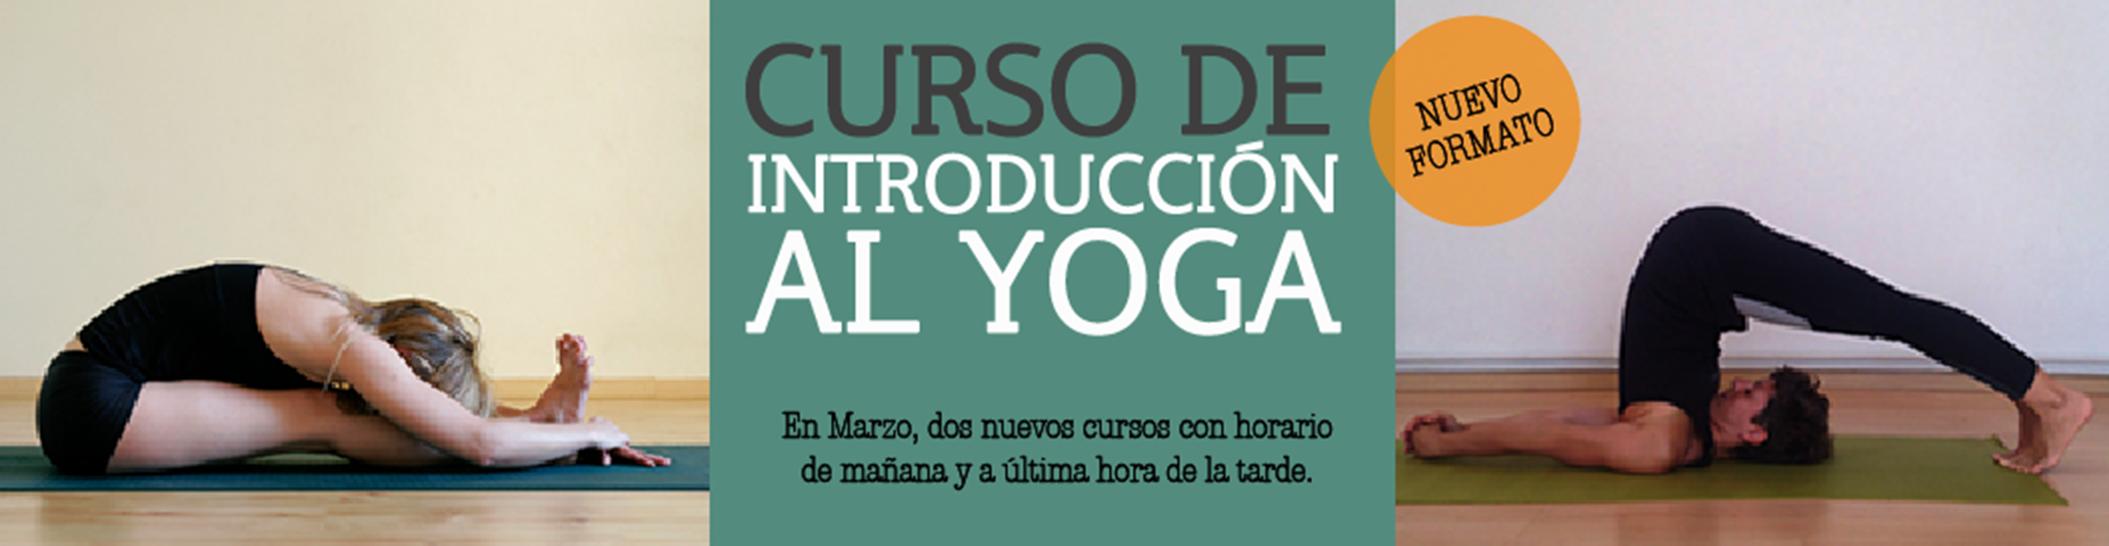 curso_introducción_yoga_3